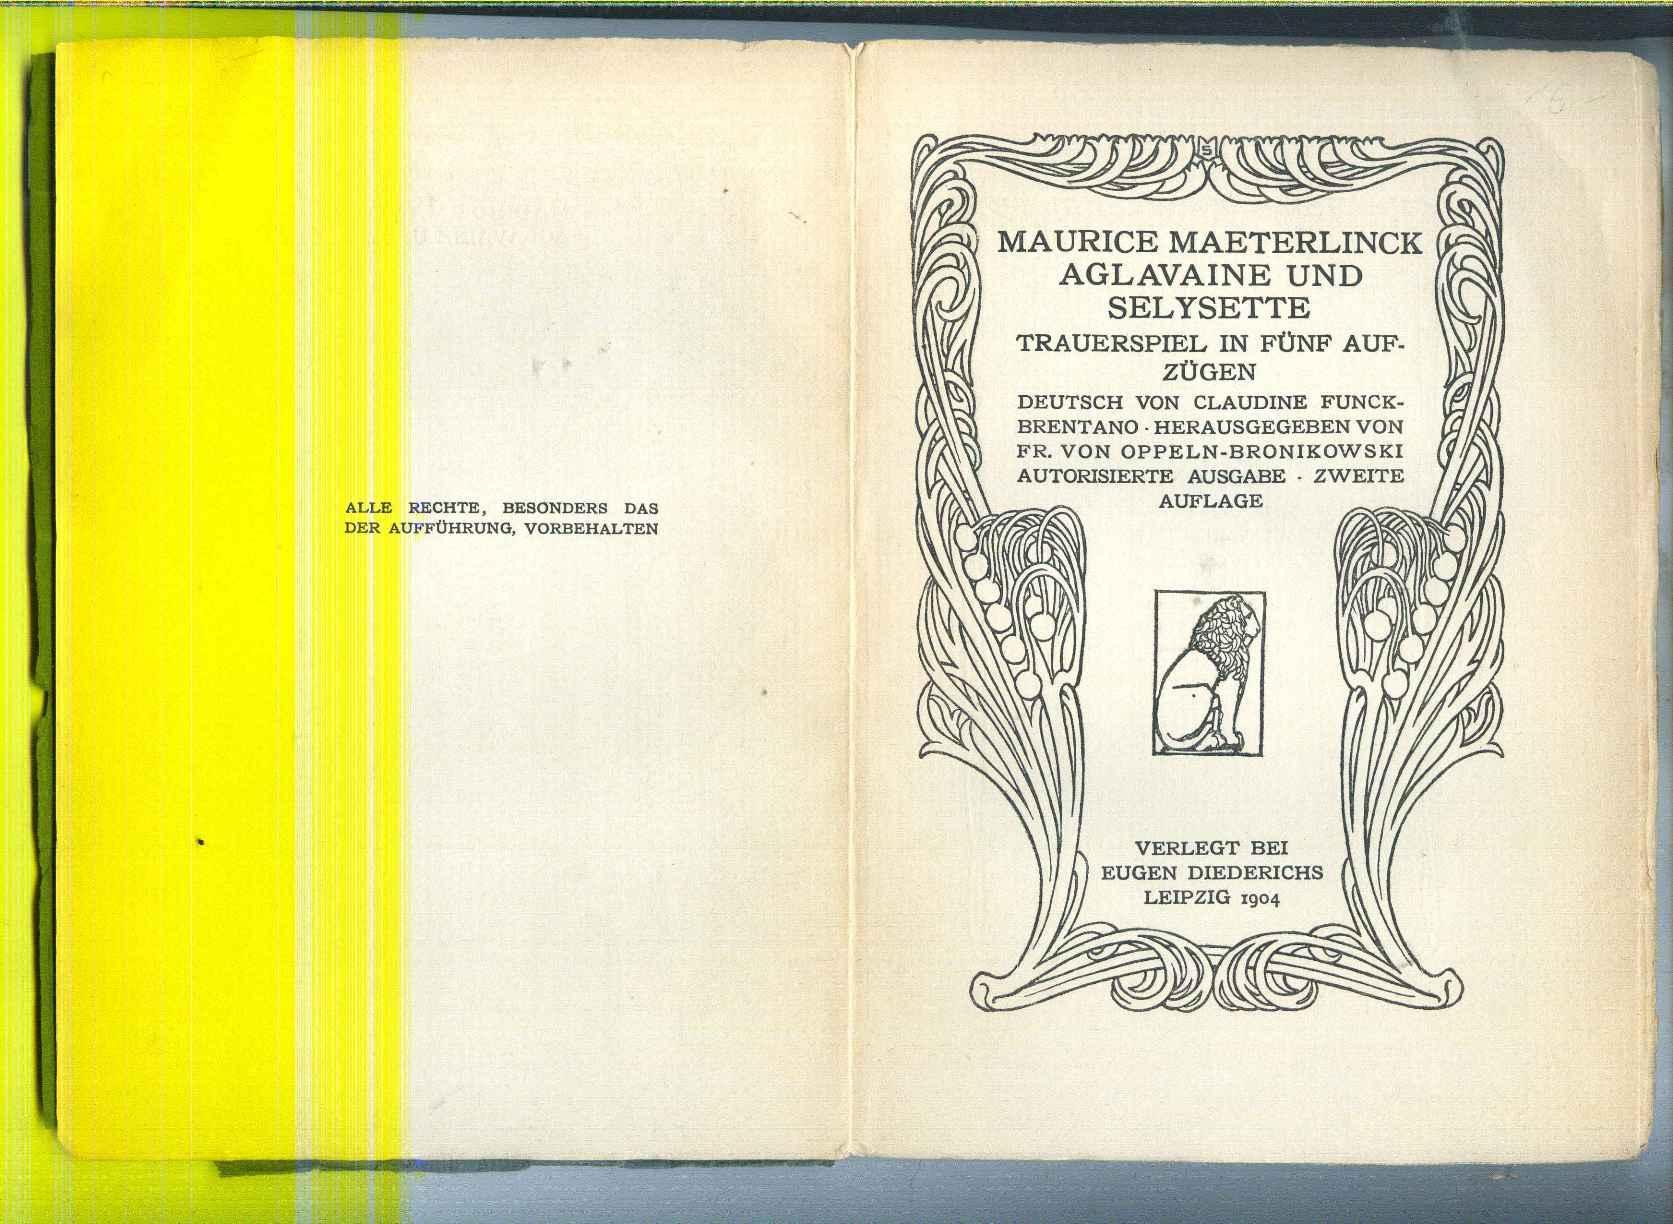 Aglavaine und Selysette. Trauerspiel in fünf Aufzügen.: Maeterlinck, Maurice